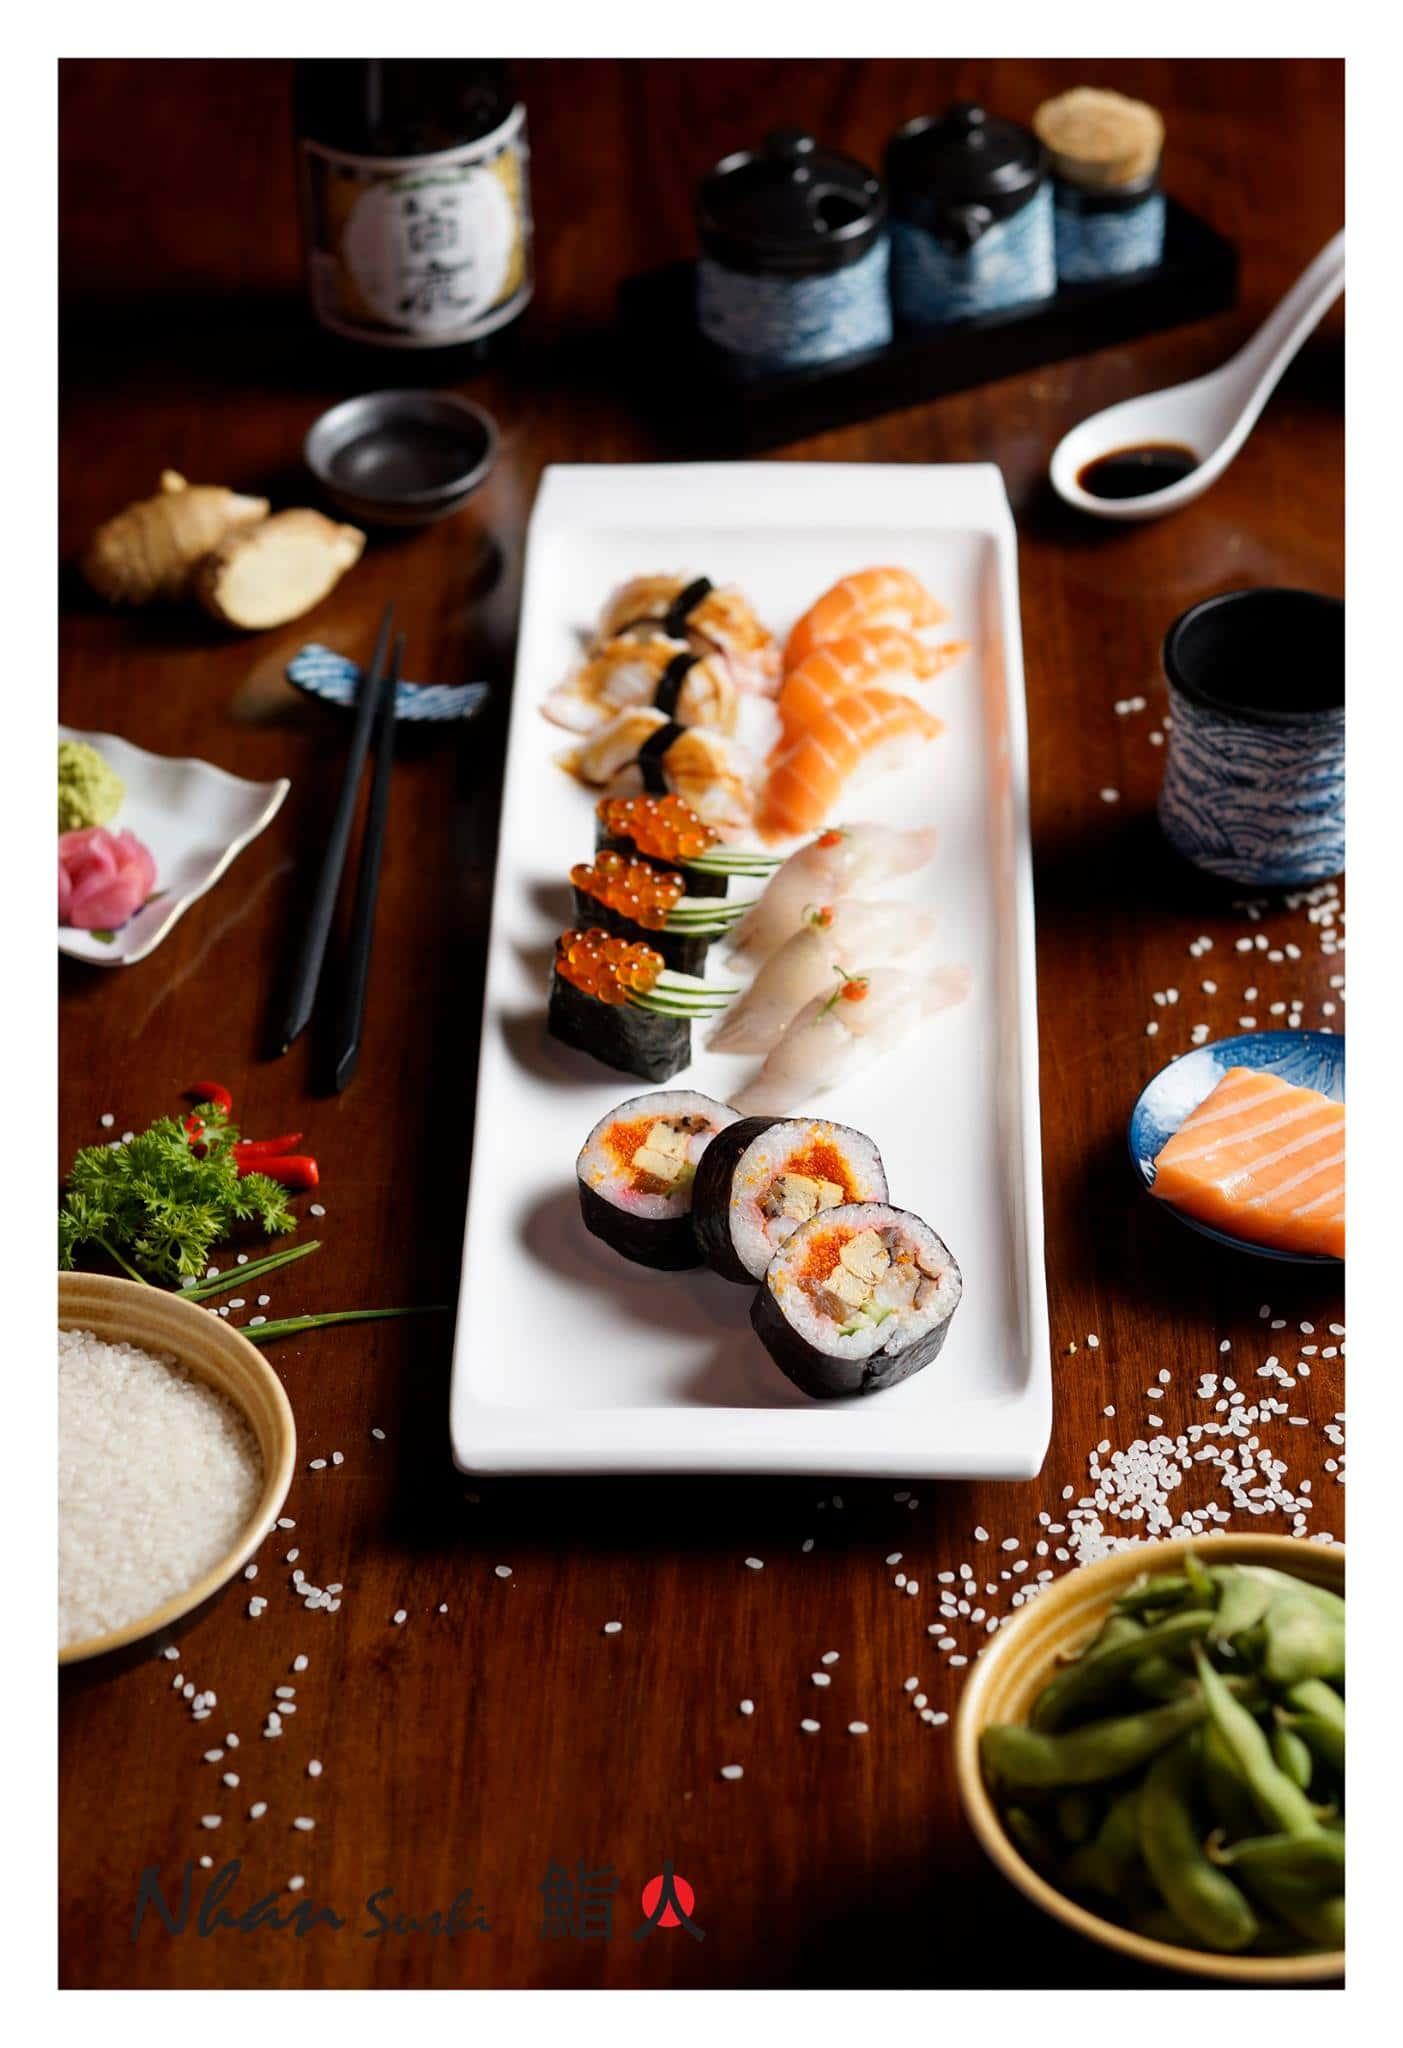 nha hang nhat ban 1 - Thiết kế nhà hàng đẹp phong cách Nhật Bản